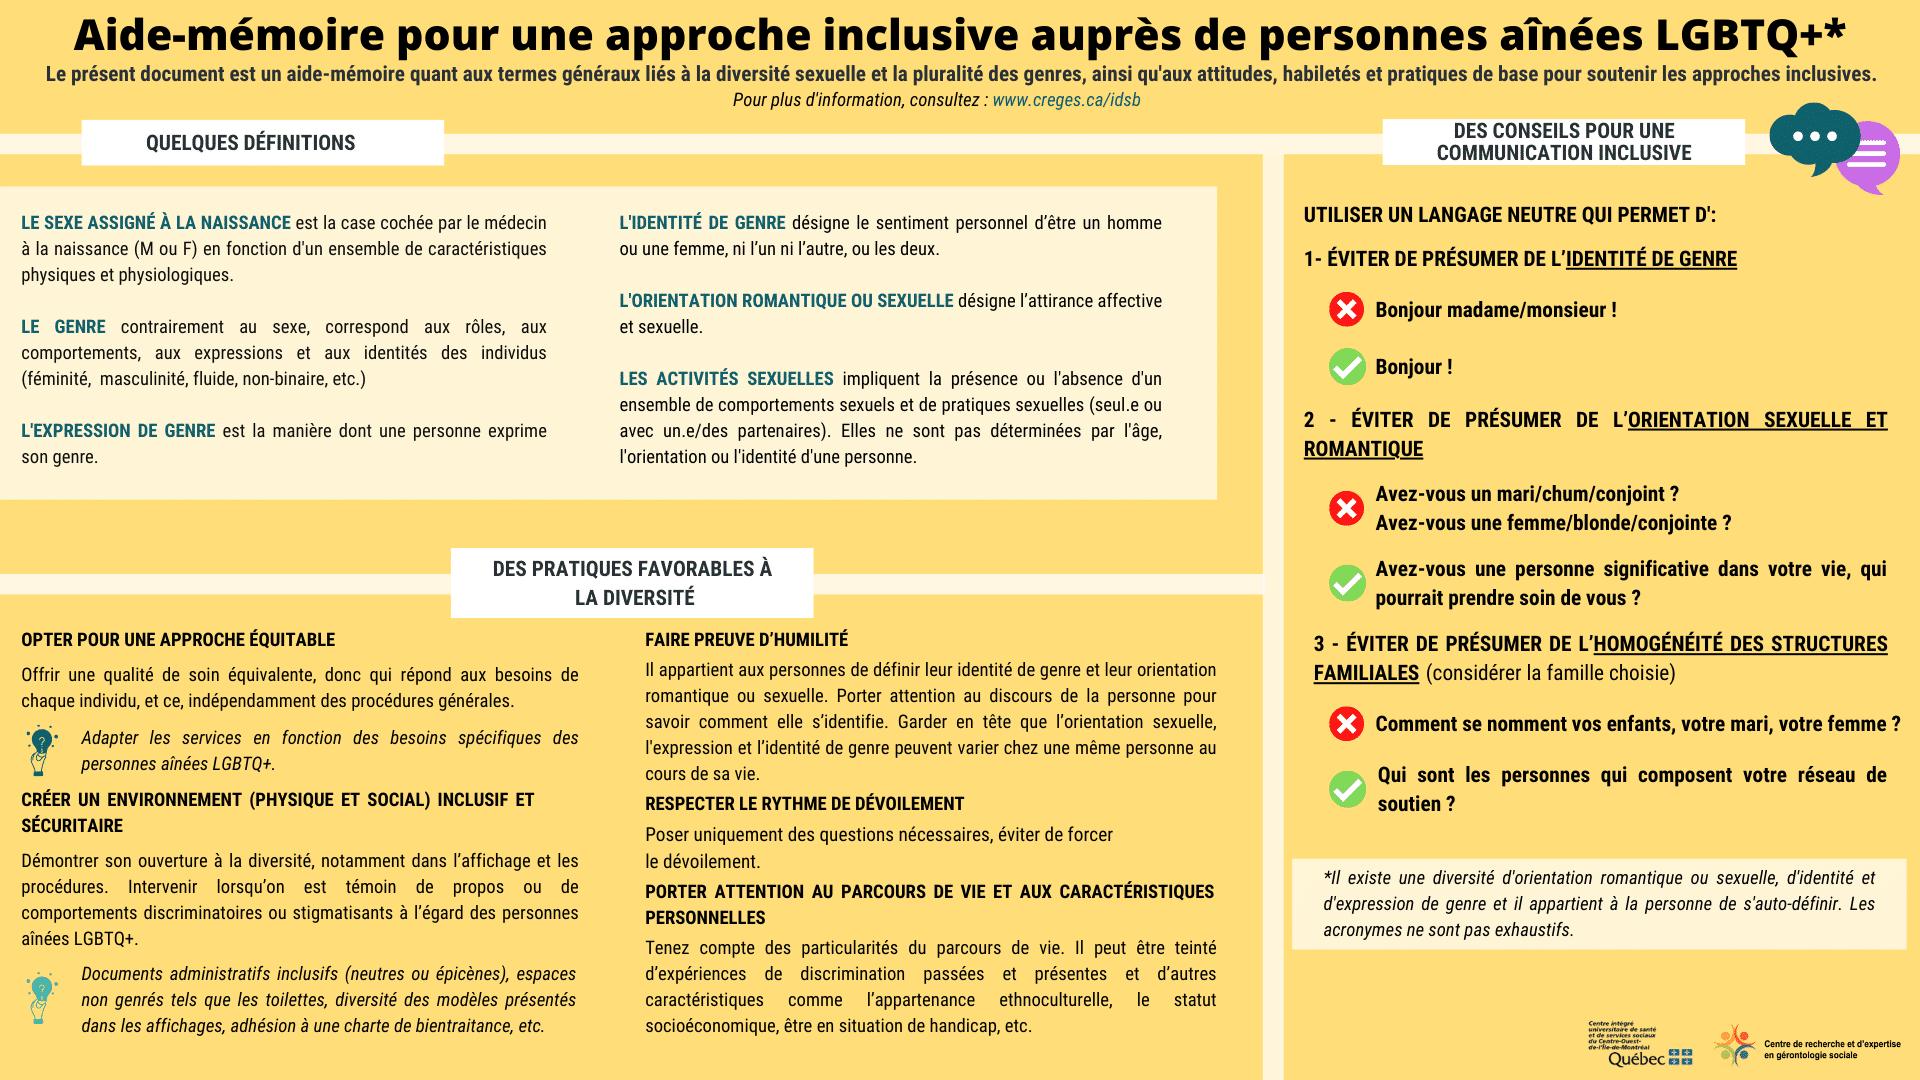 Aide_memoire_personnes_ainees_LGBTQ+